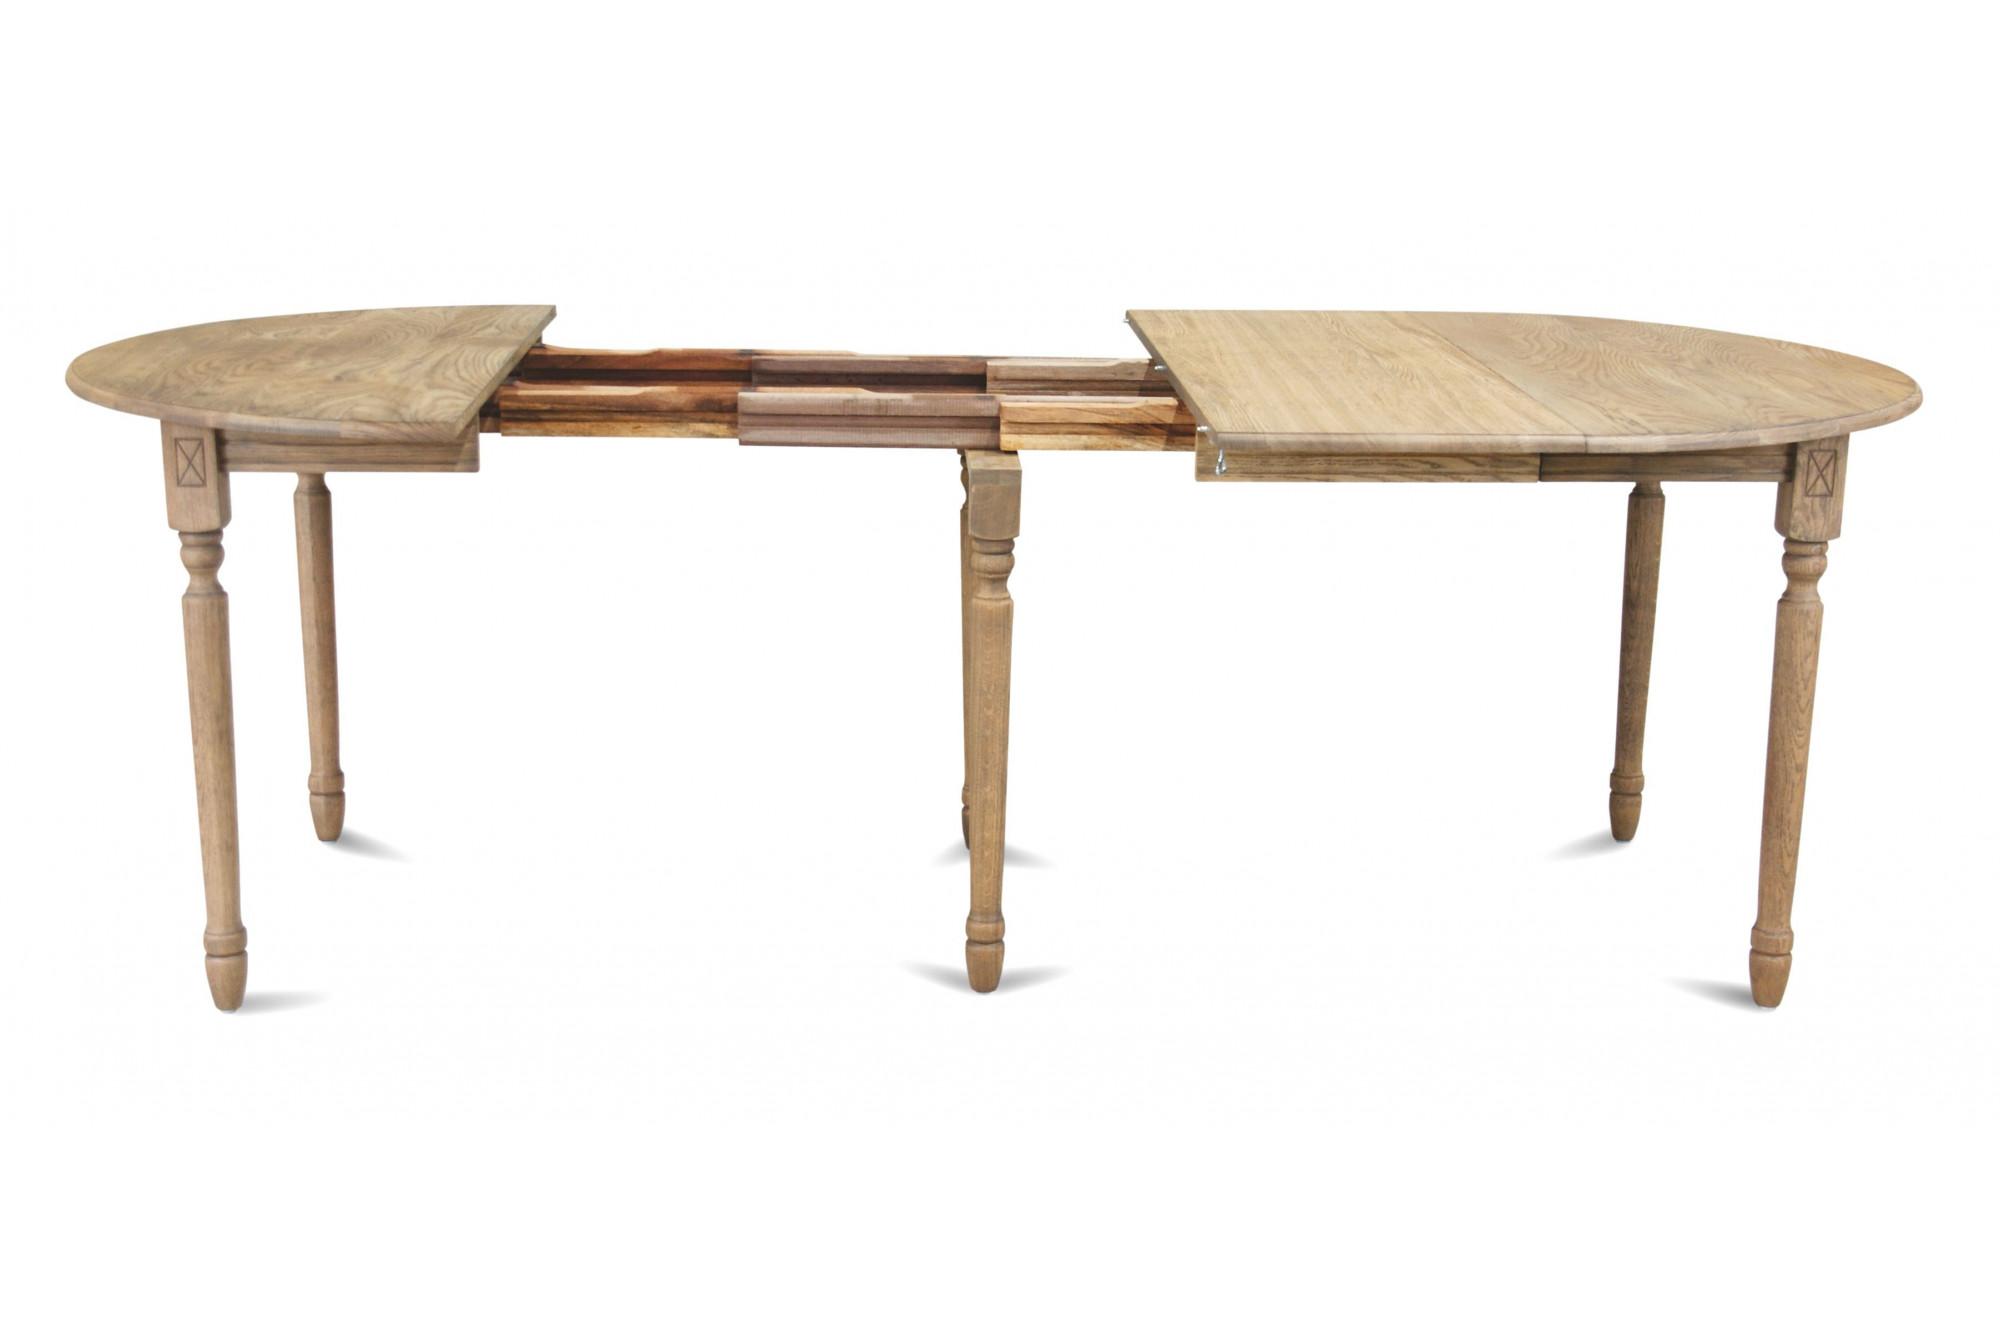 paire d 39 allonges et de pieds pour table extensible hellin. Black Bedroom Furniture Sets. Home Design Ideas